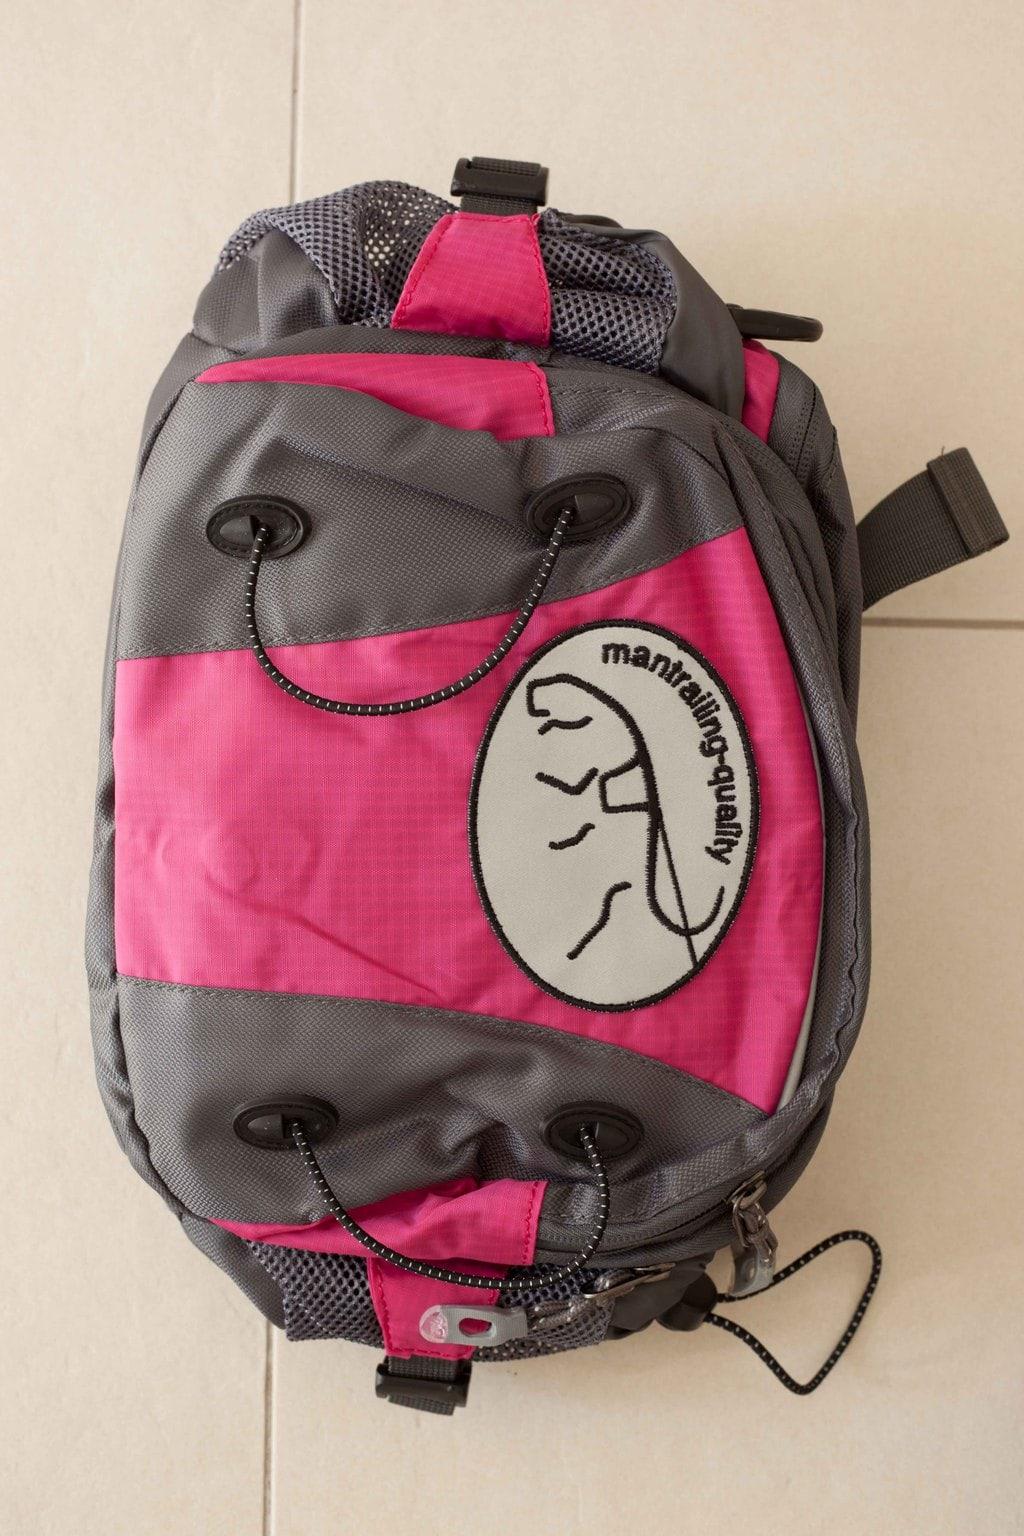 Trailtasche von mantrailing-quality Hüfttasche fuchsia Vorderansicht